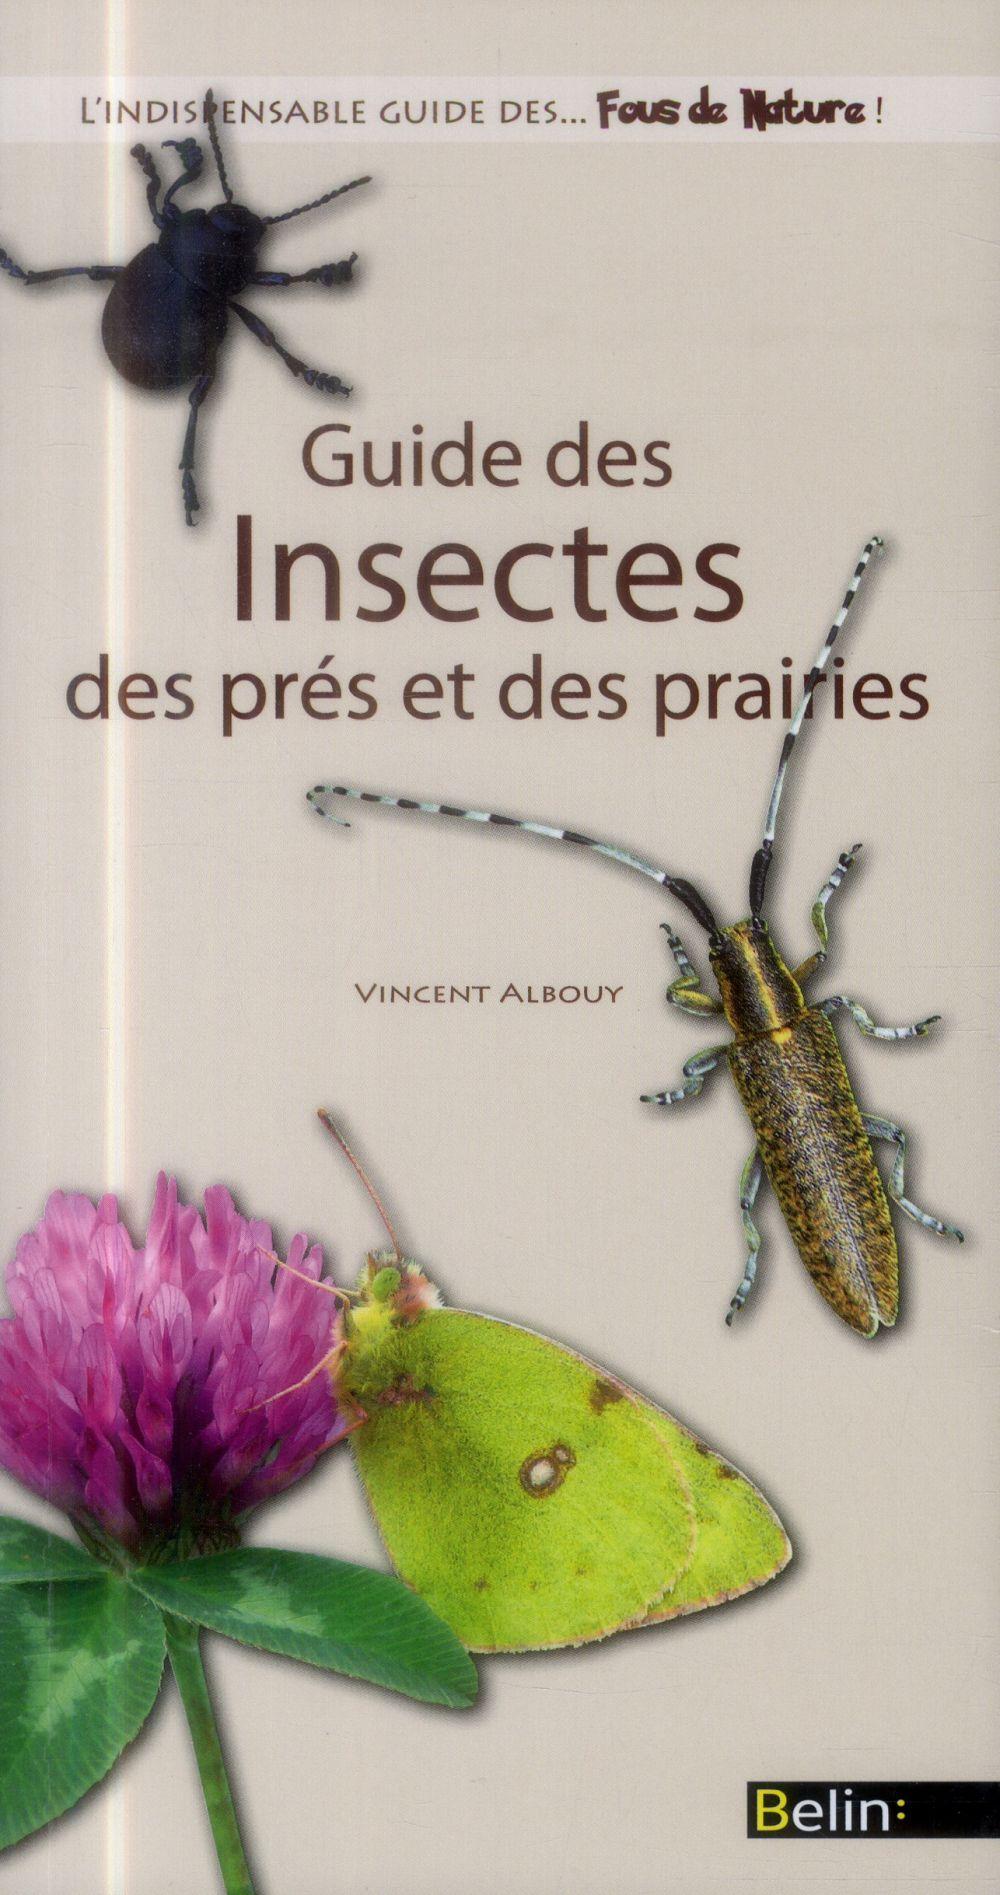 Guide des insectes des pres et des prairies